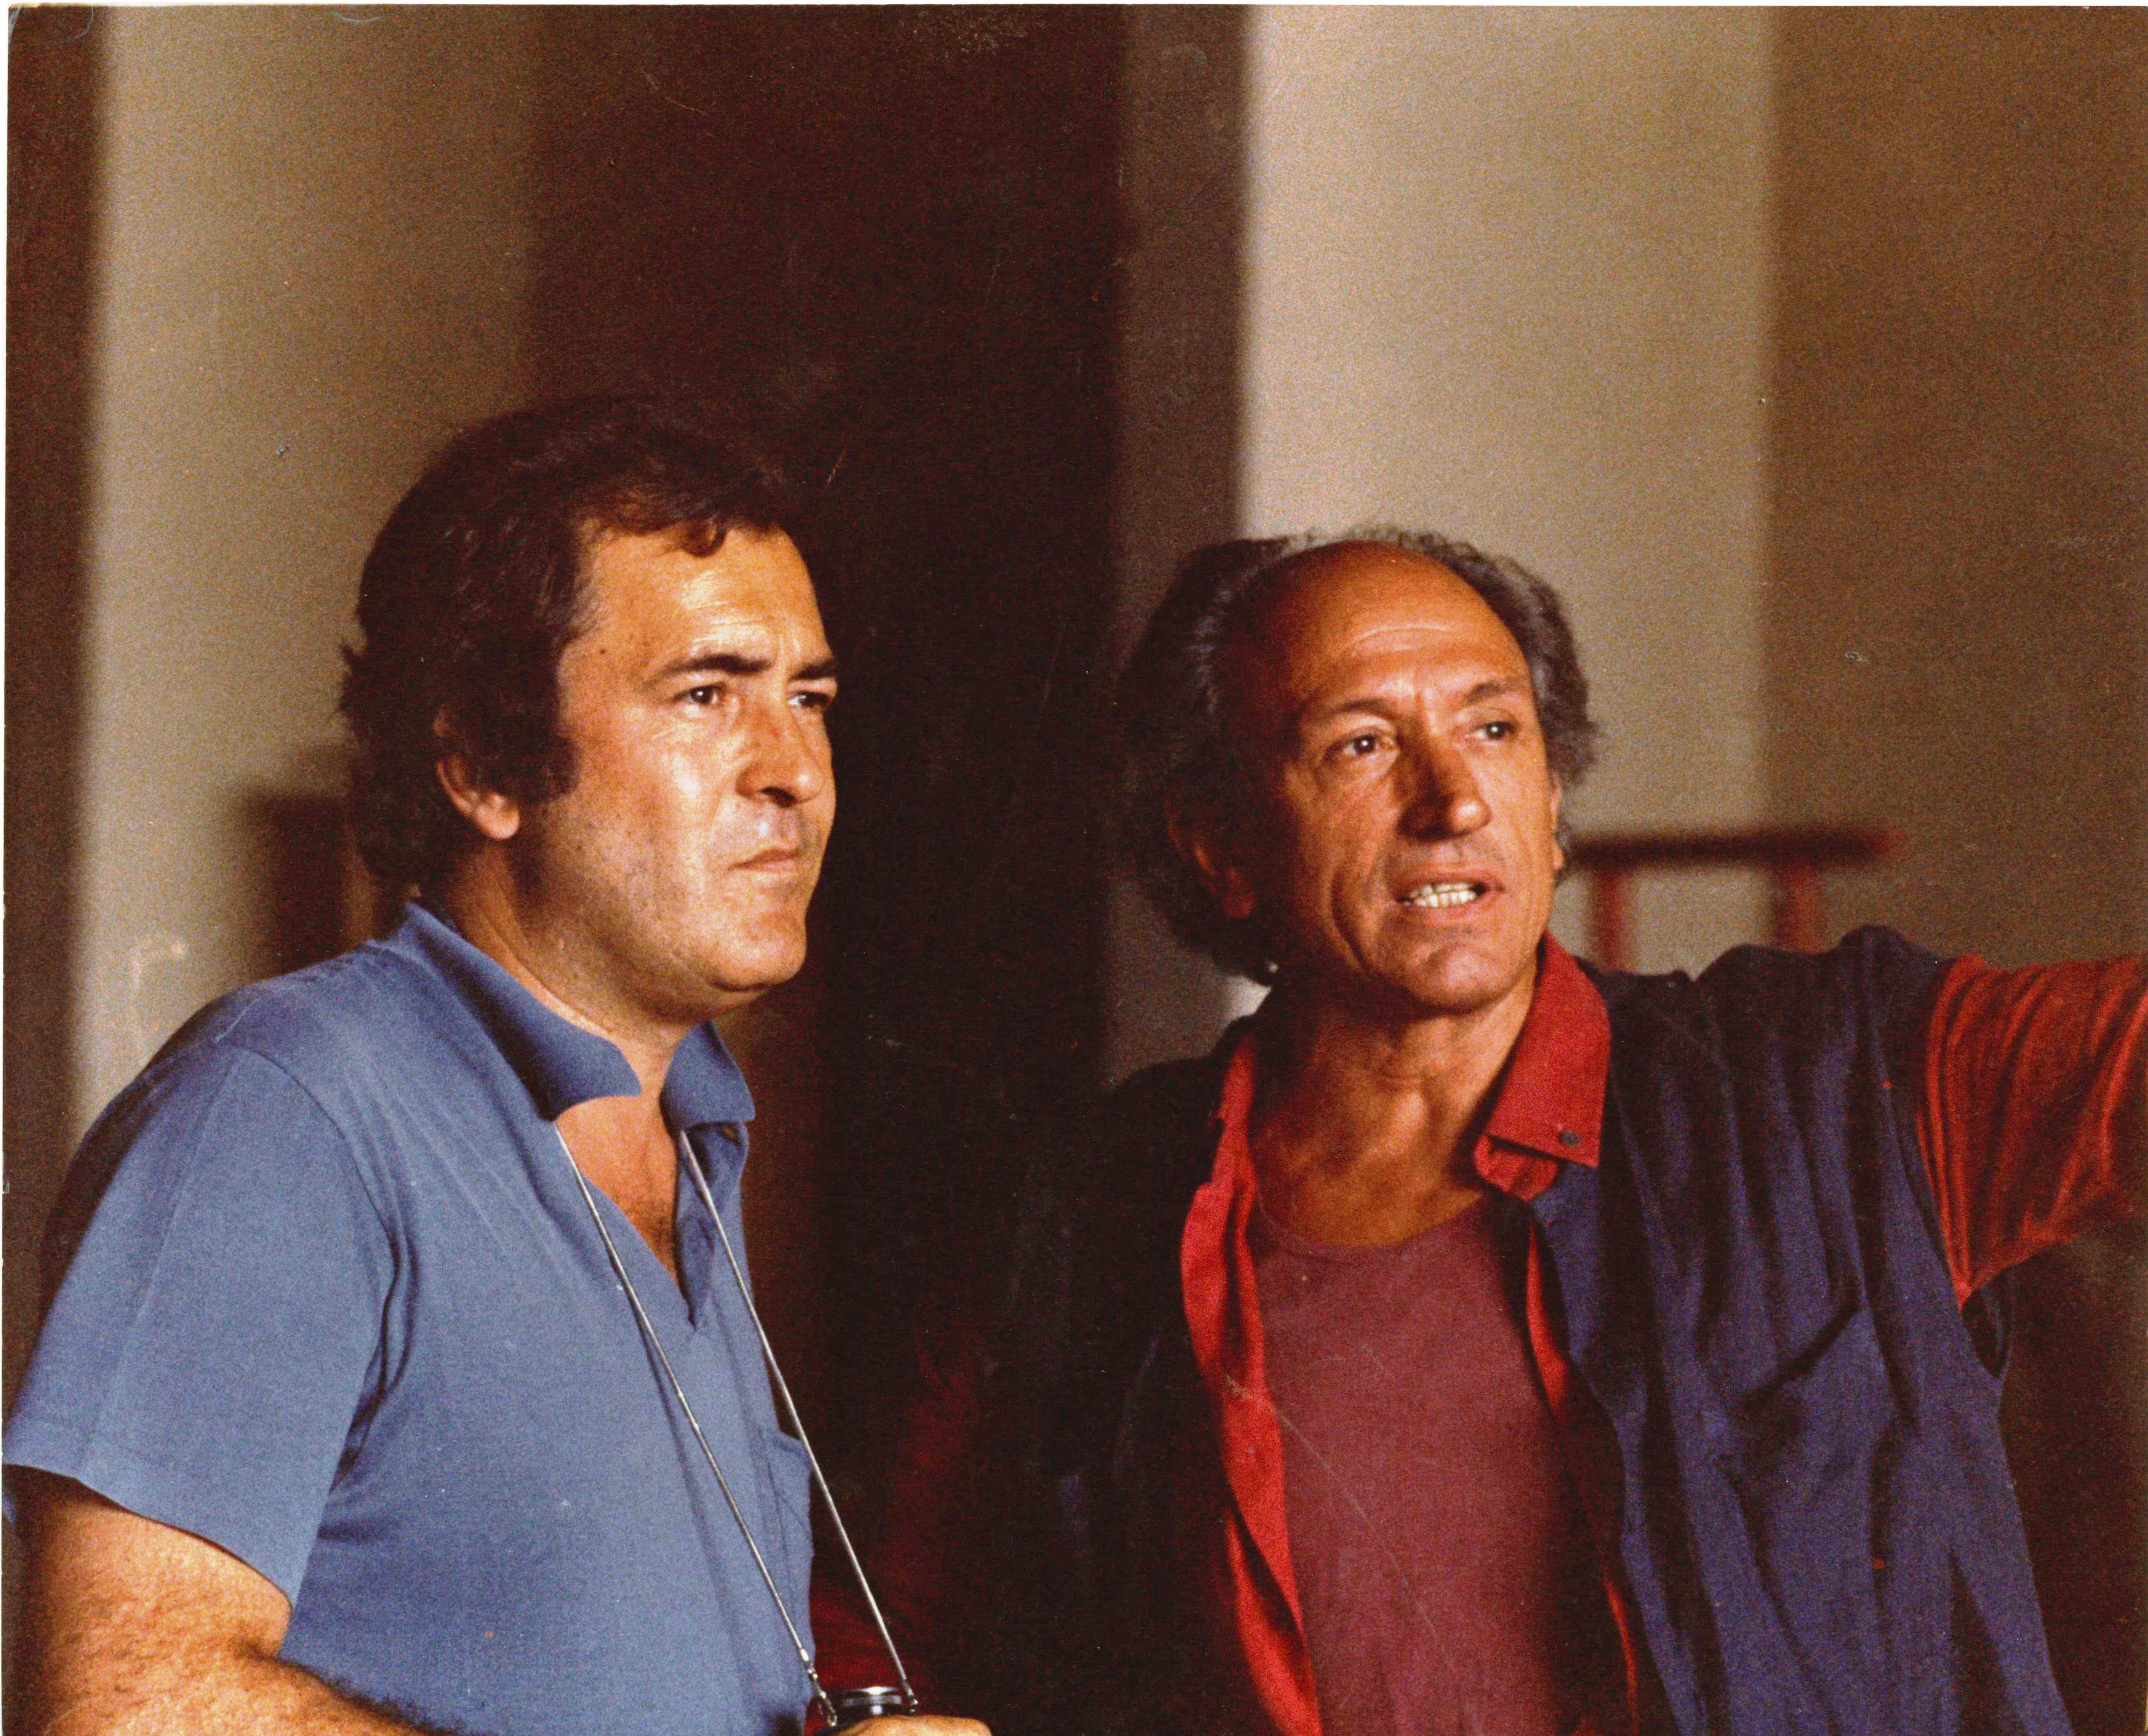 Acqua e Zucchero - Carlo di Palma: I colori della vita, Di Palma e Bertolucci in un'immagine del documentario